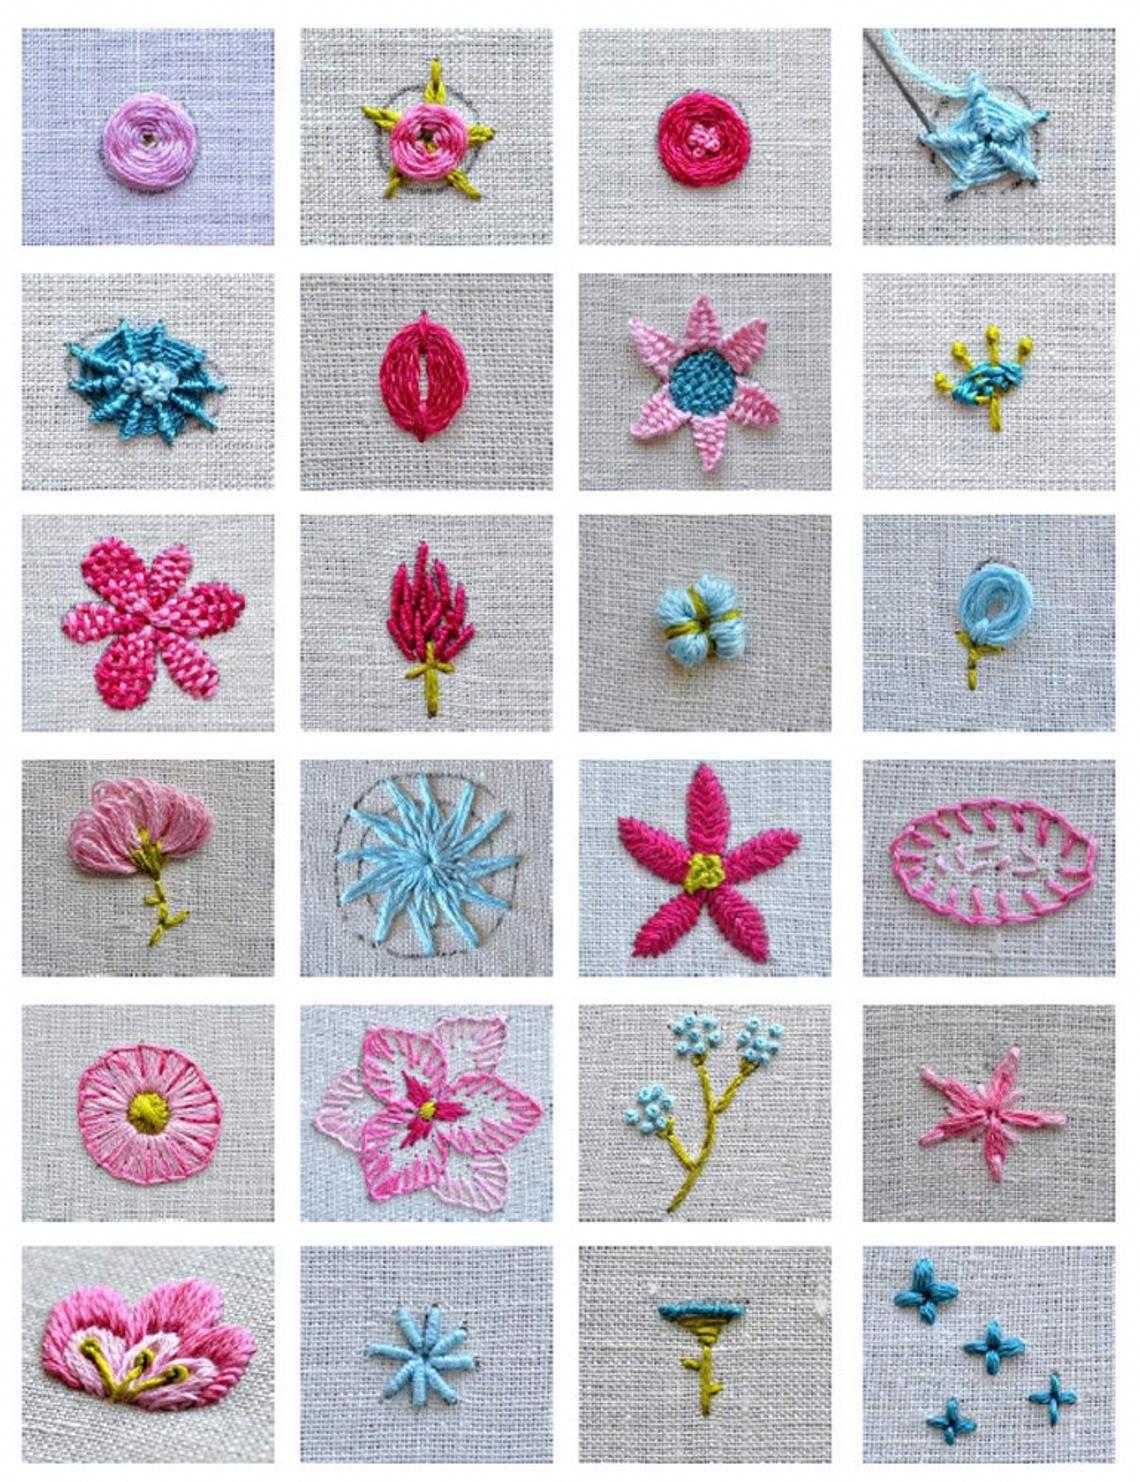 Bullion Stitch Embroidery : bullion, stitch, embroidery, Bullion, Stitch, Embroidery, #Embroiderystitches, Tutorial, Bordado, Cintas,, Mano,, Ideas